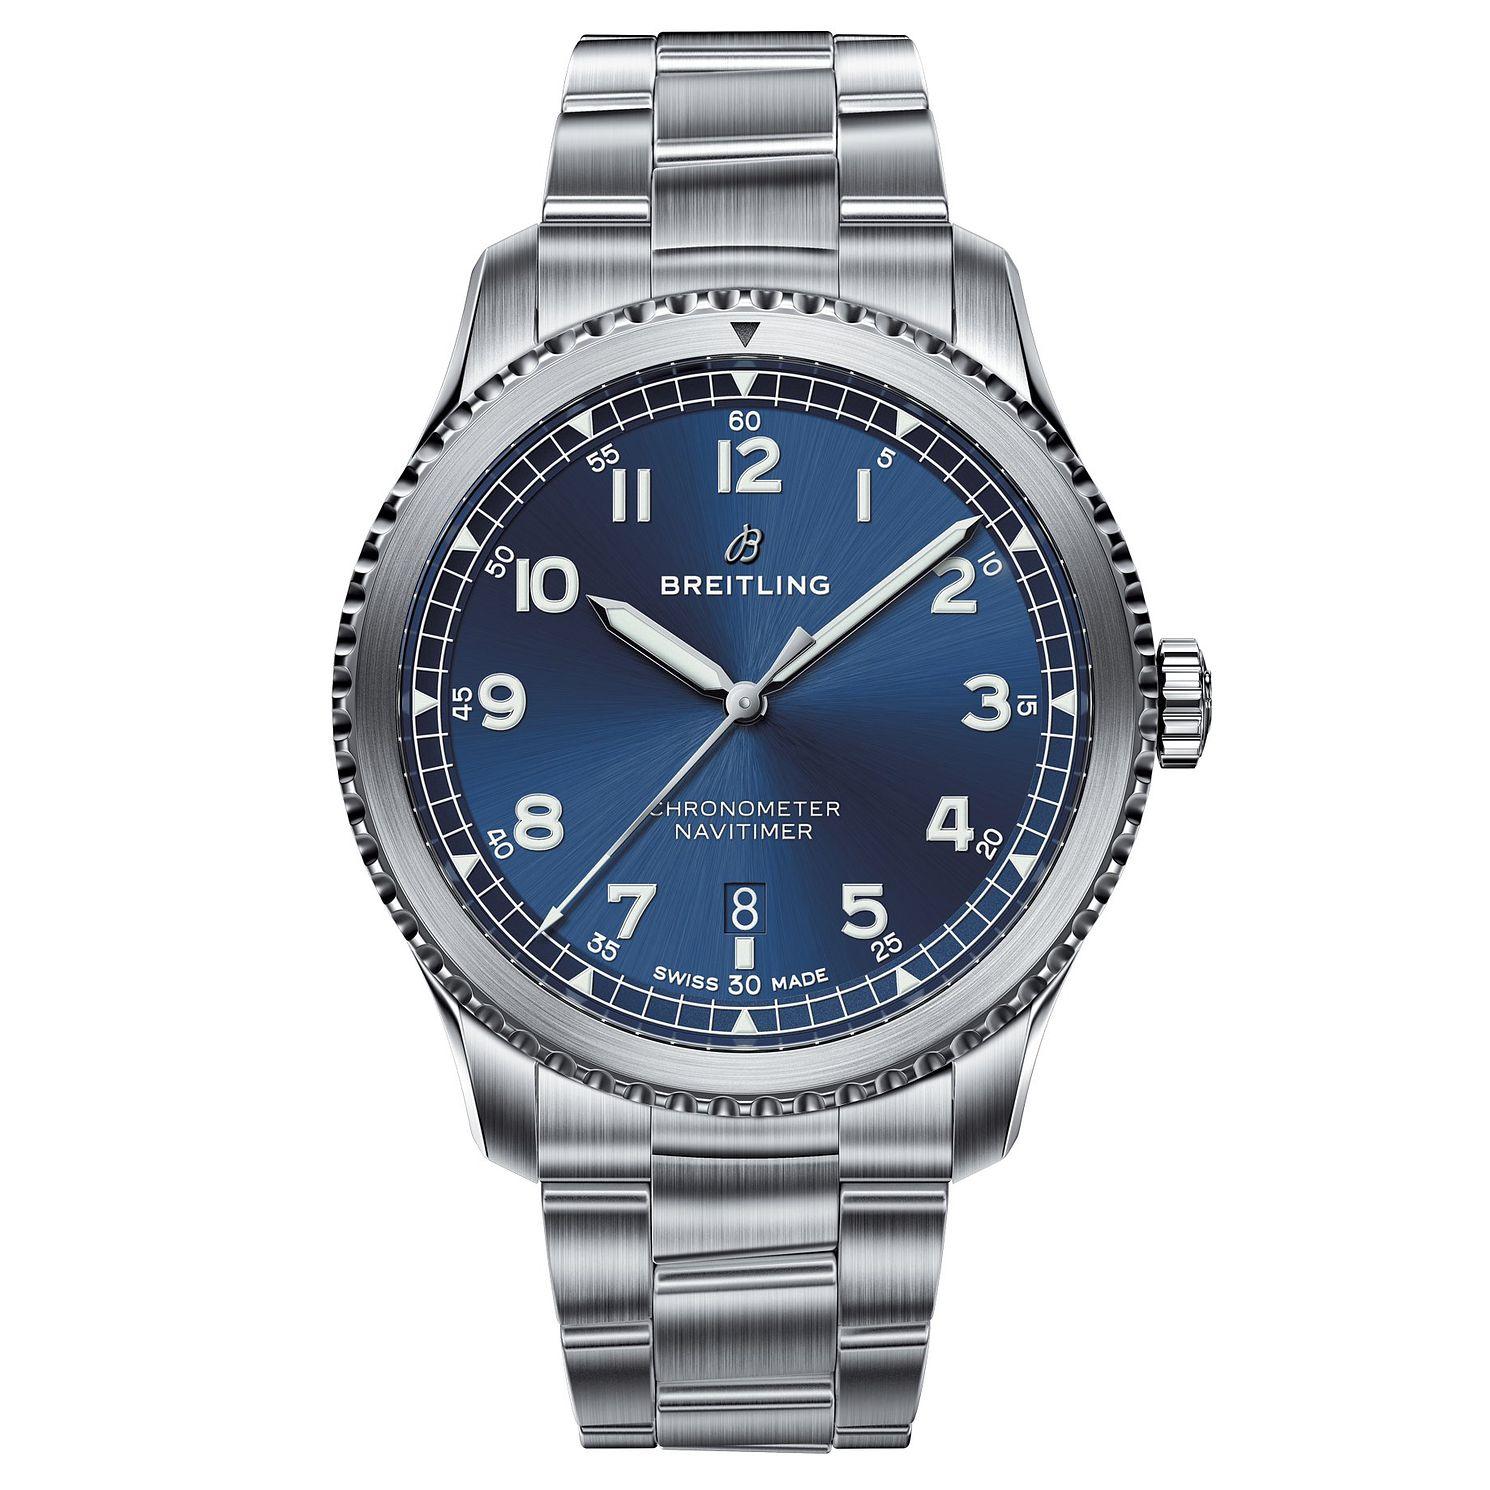 Breitling Navitimer 8 Men's Stainless Steel Bracelet Watch, £2,500 @ Ernest Jones